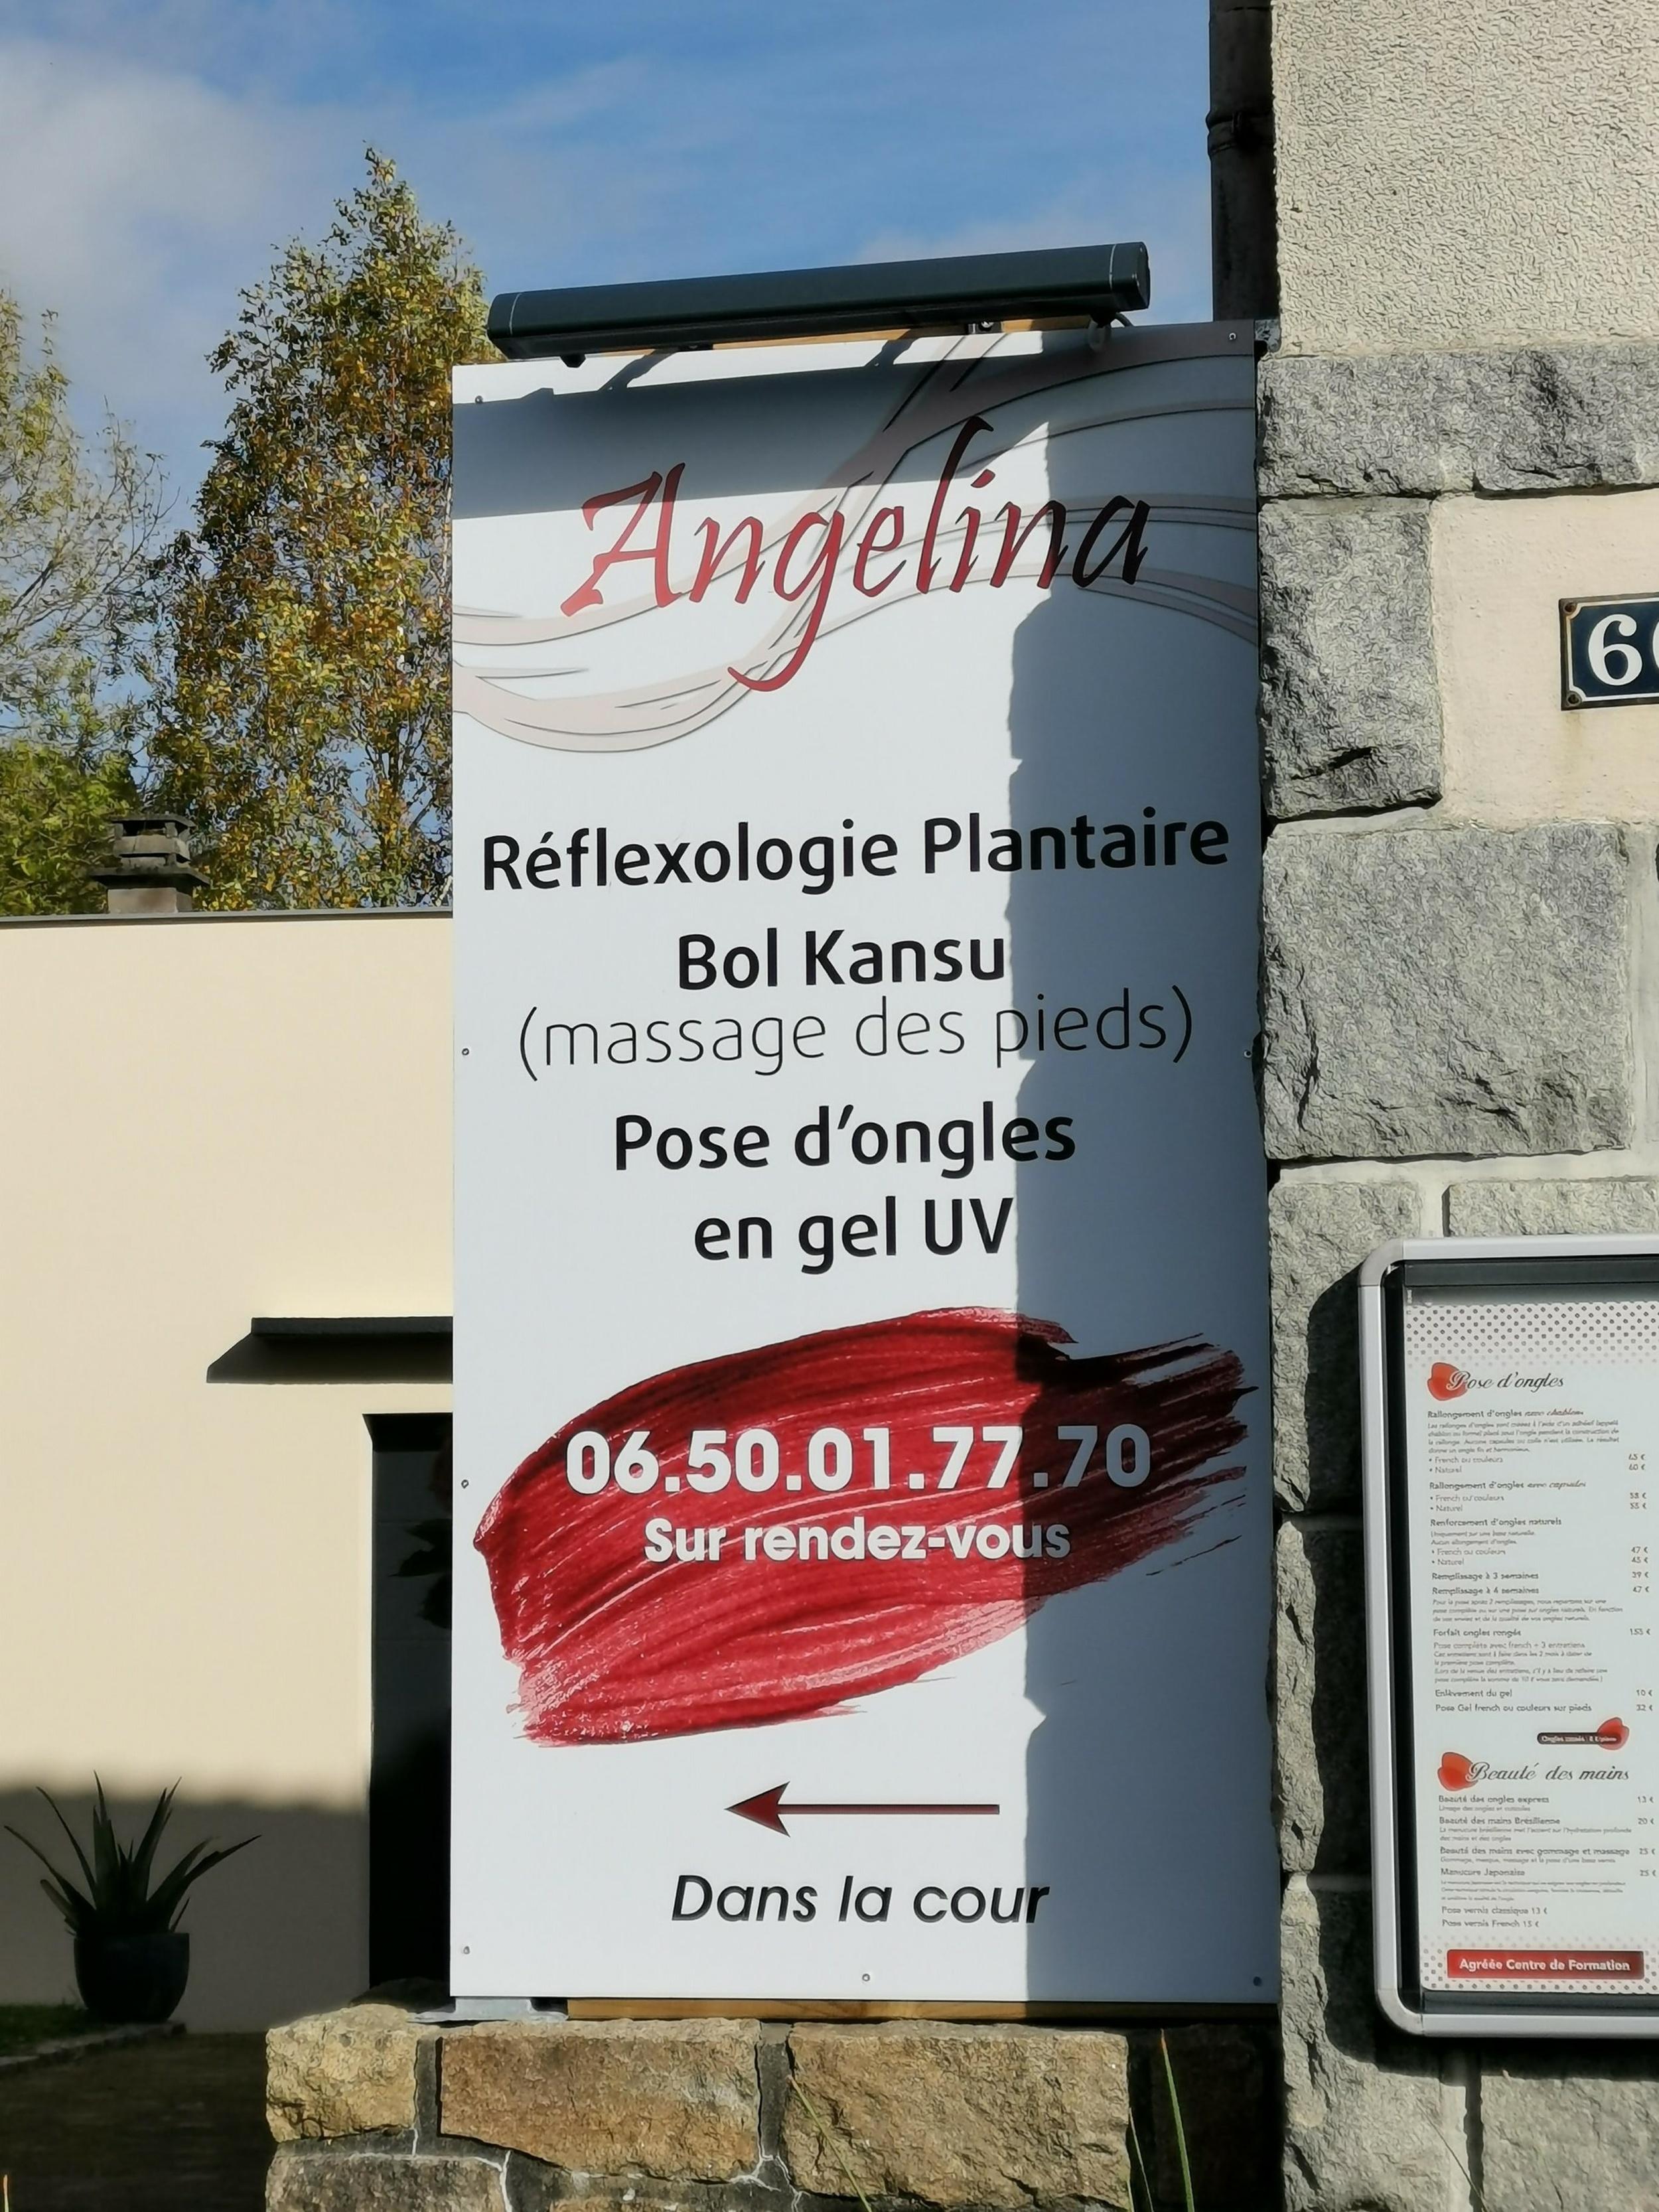 Panneaux pour Angelina